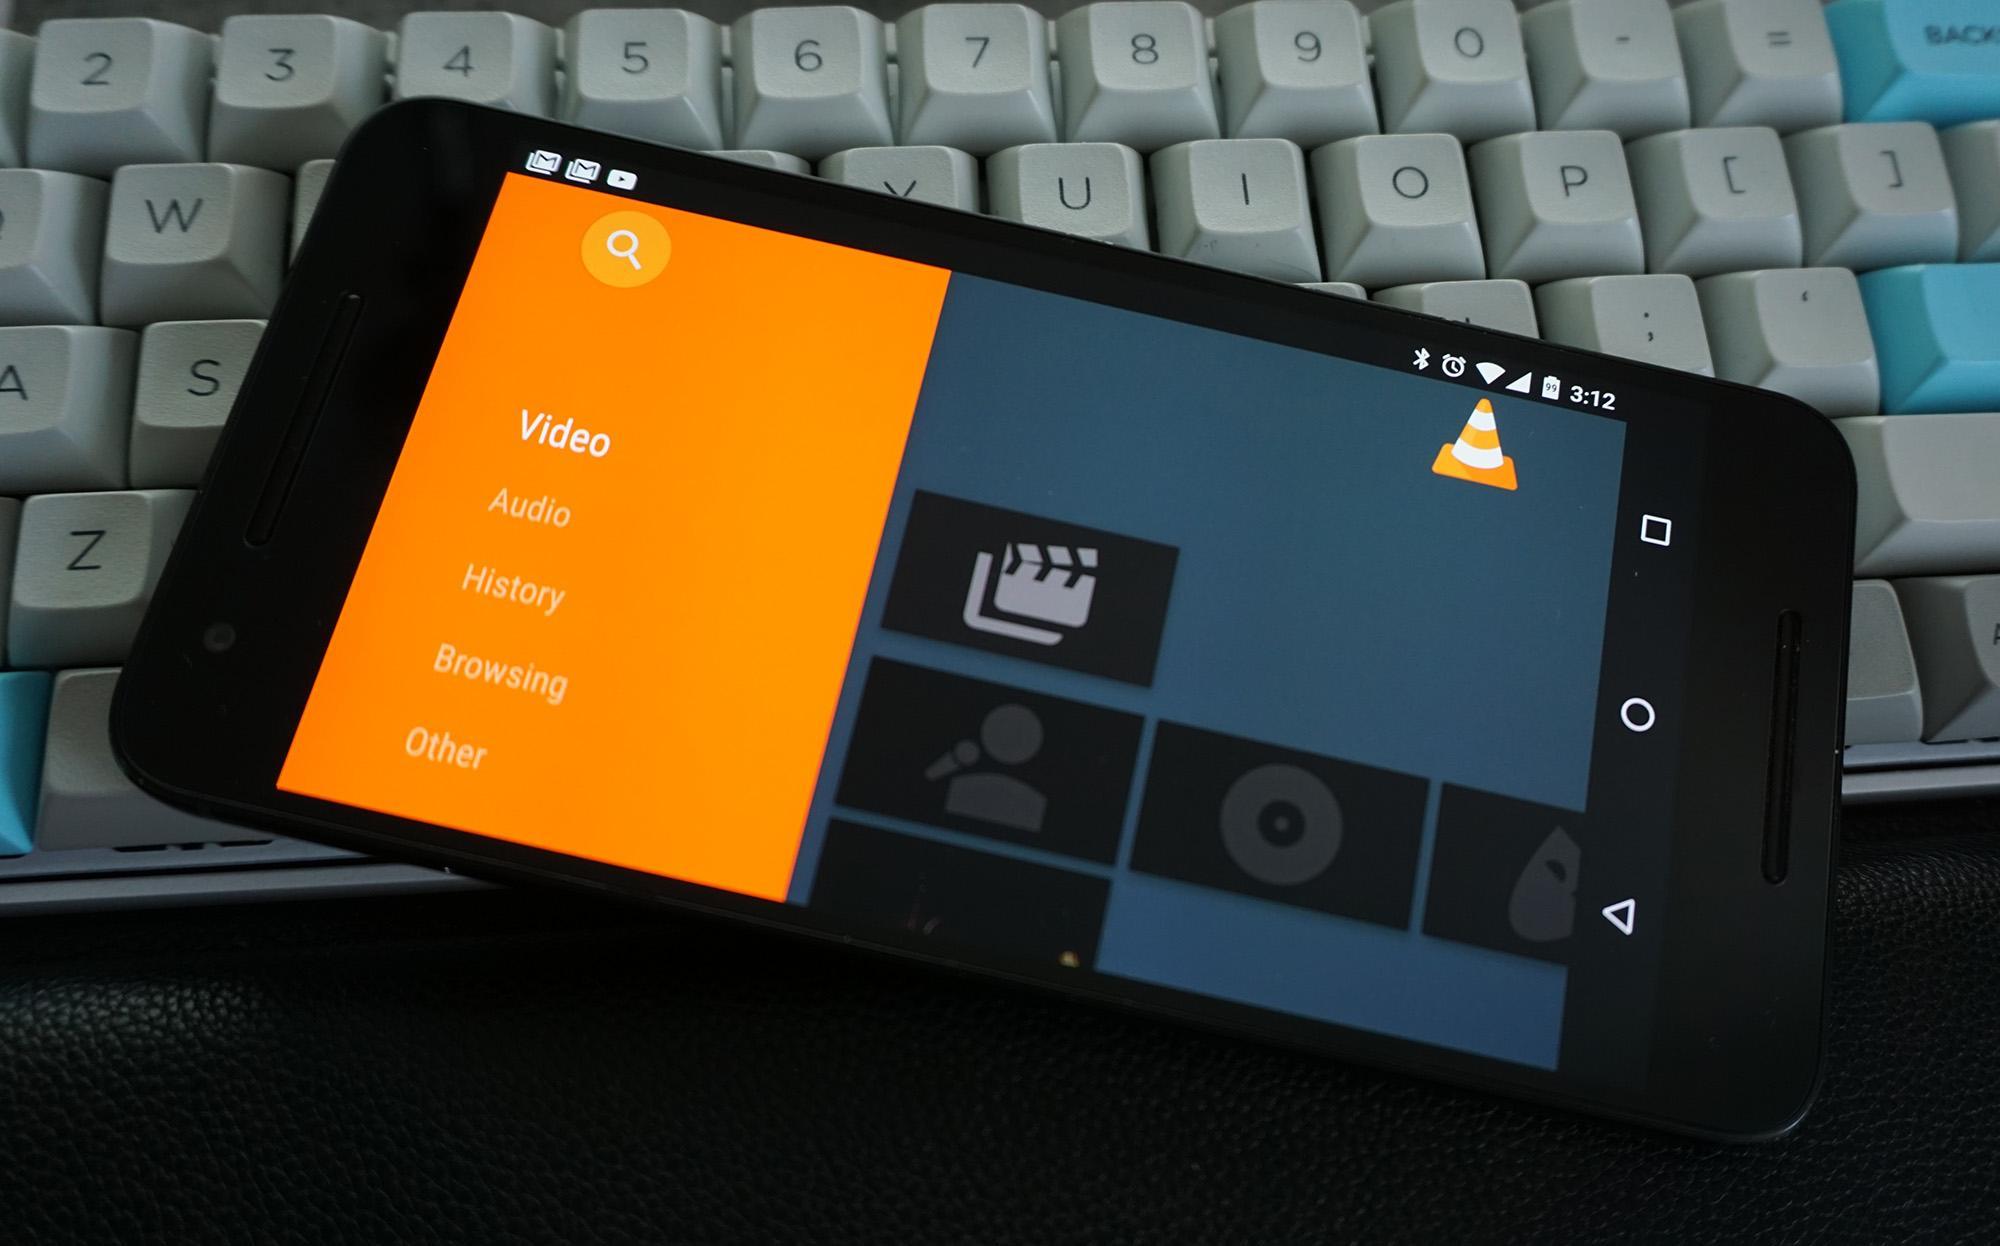 VLC для Android: уже можно скачать финальную версию самого лучшего видеопроплеера для Андроид